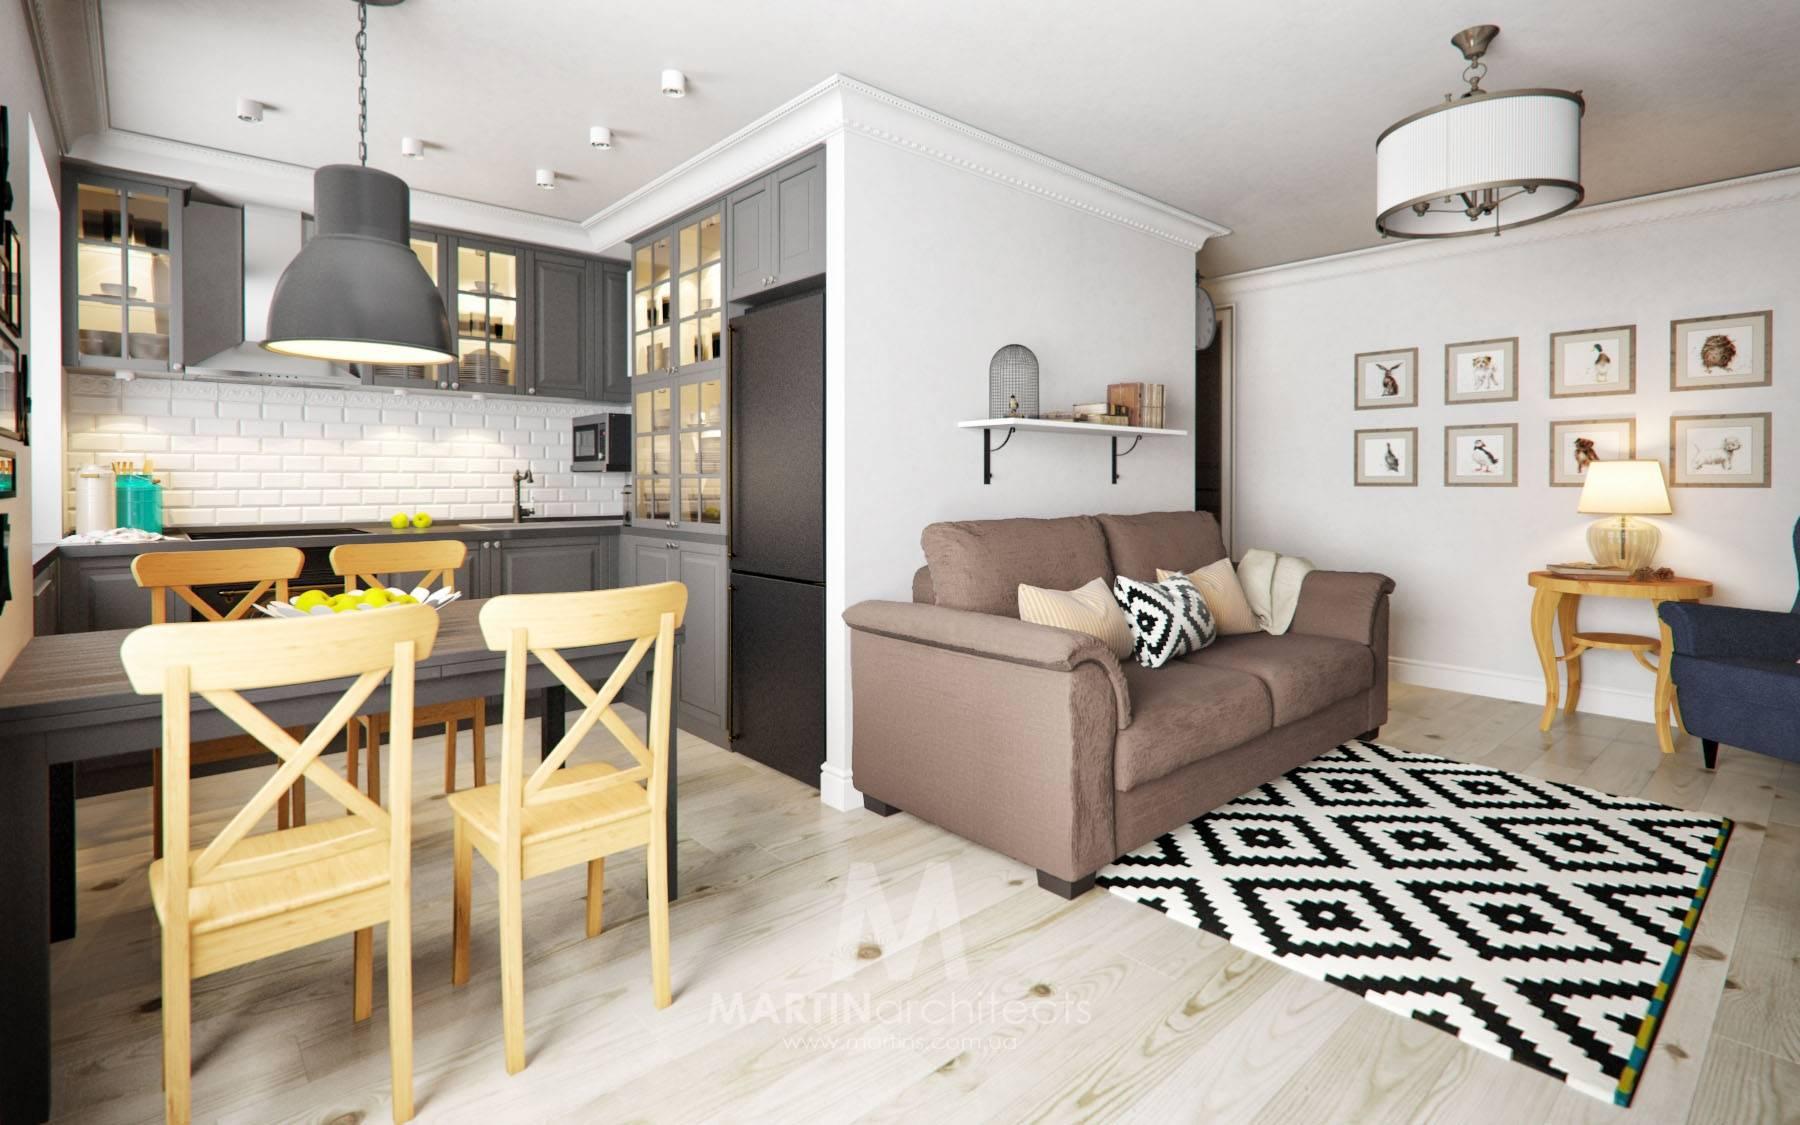 Мебель икеа в интерьере — 80 лучших идей дизайна -